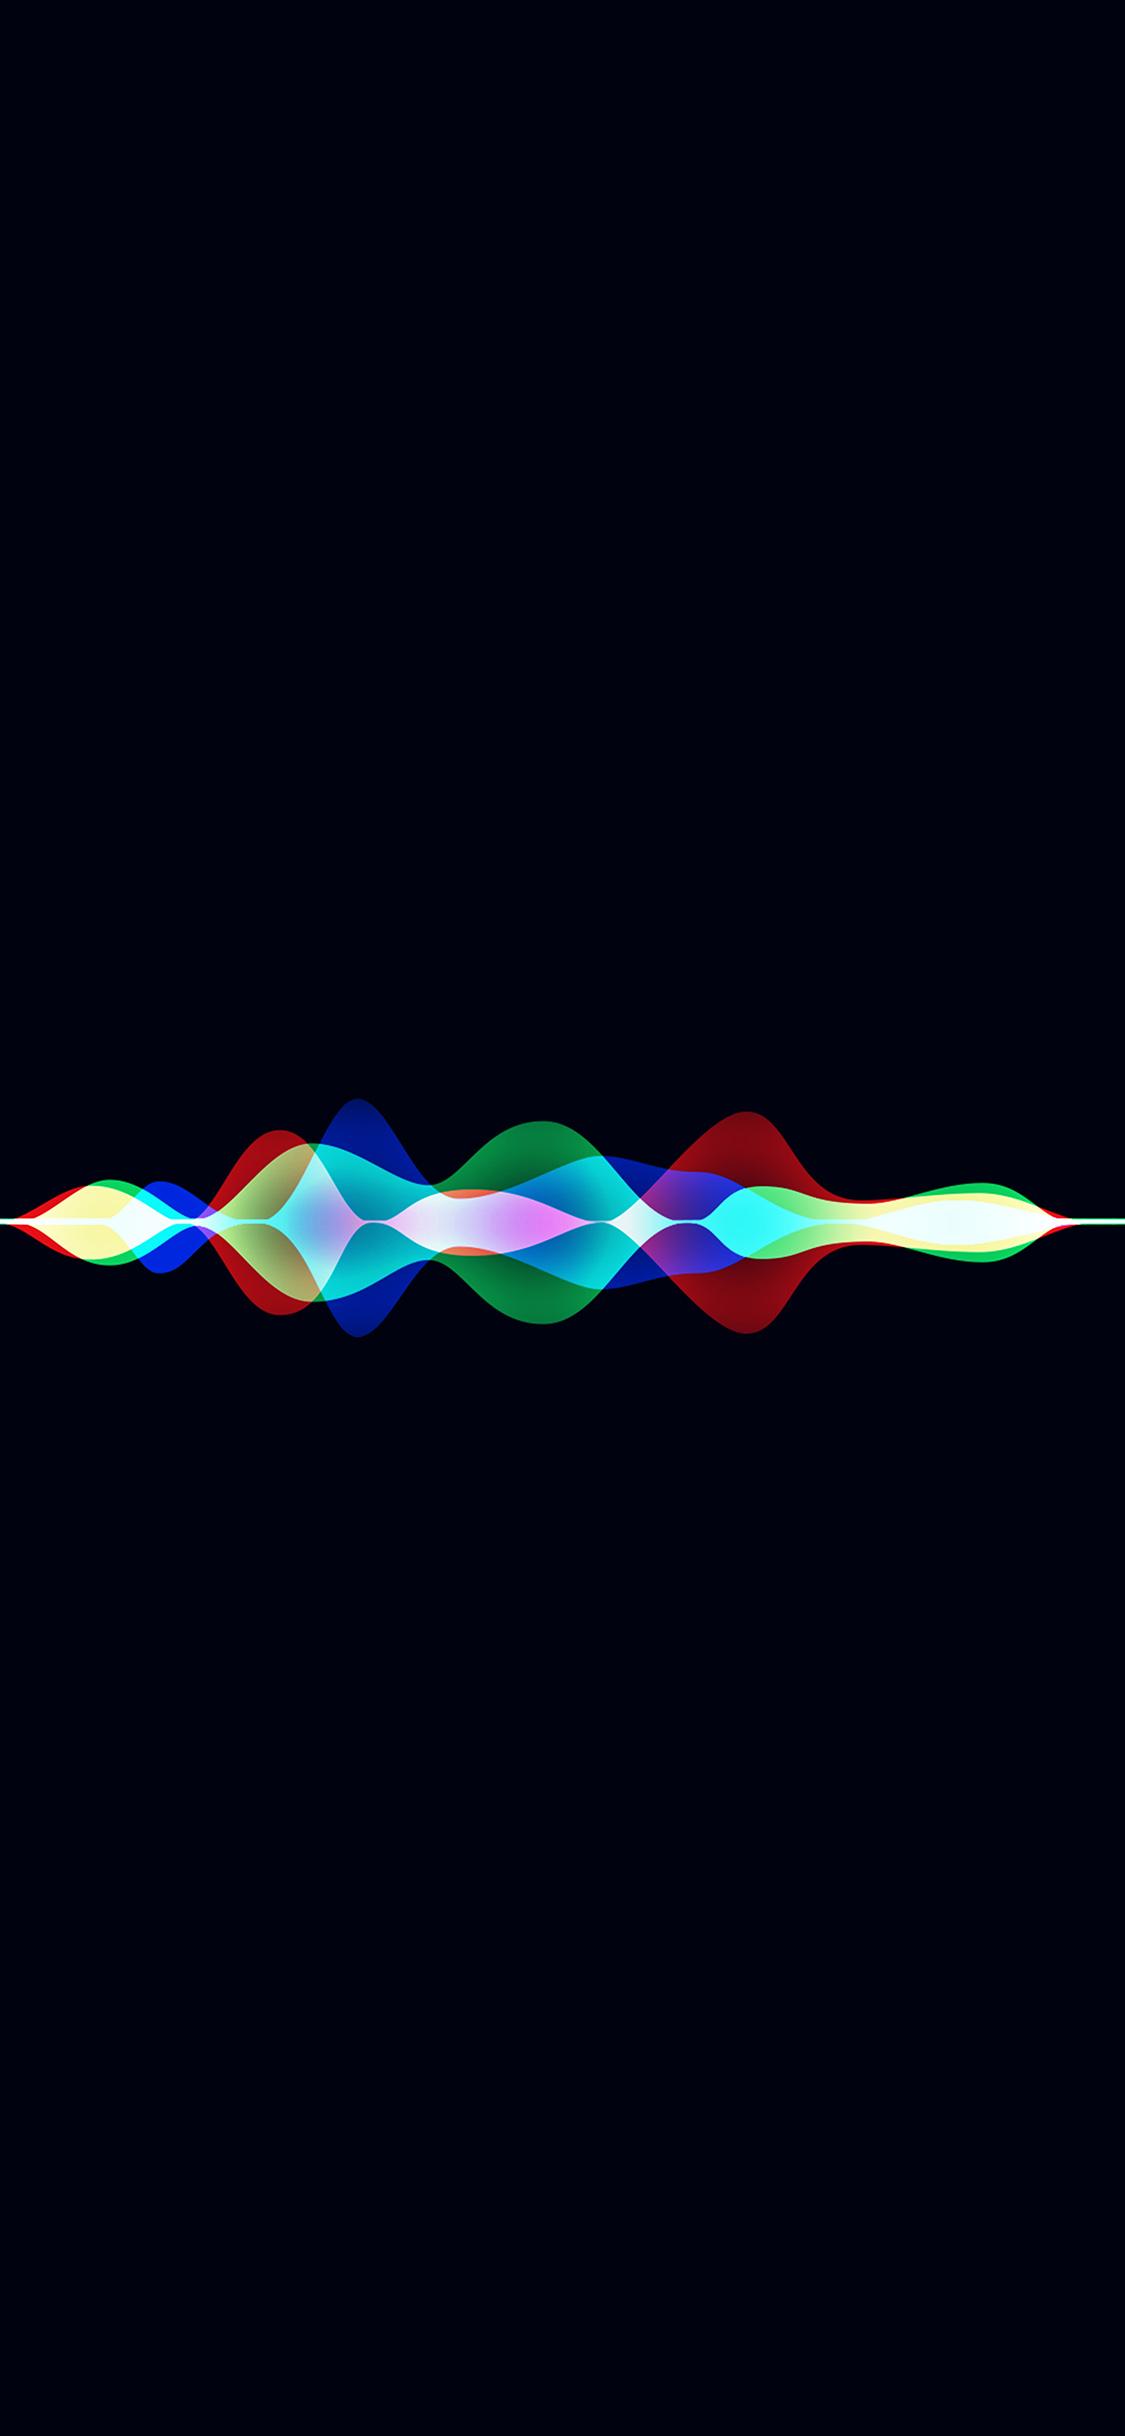 Vq05 Siri Dark Rainbow Black Art Apple Pattern Wallpaper